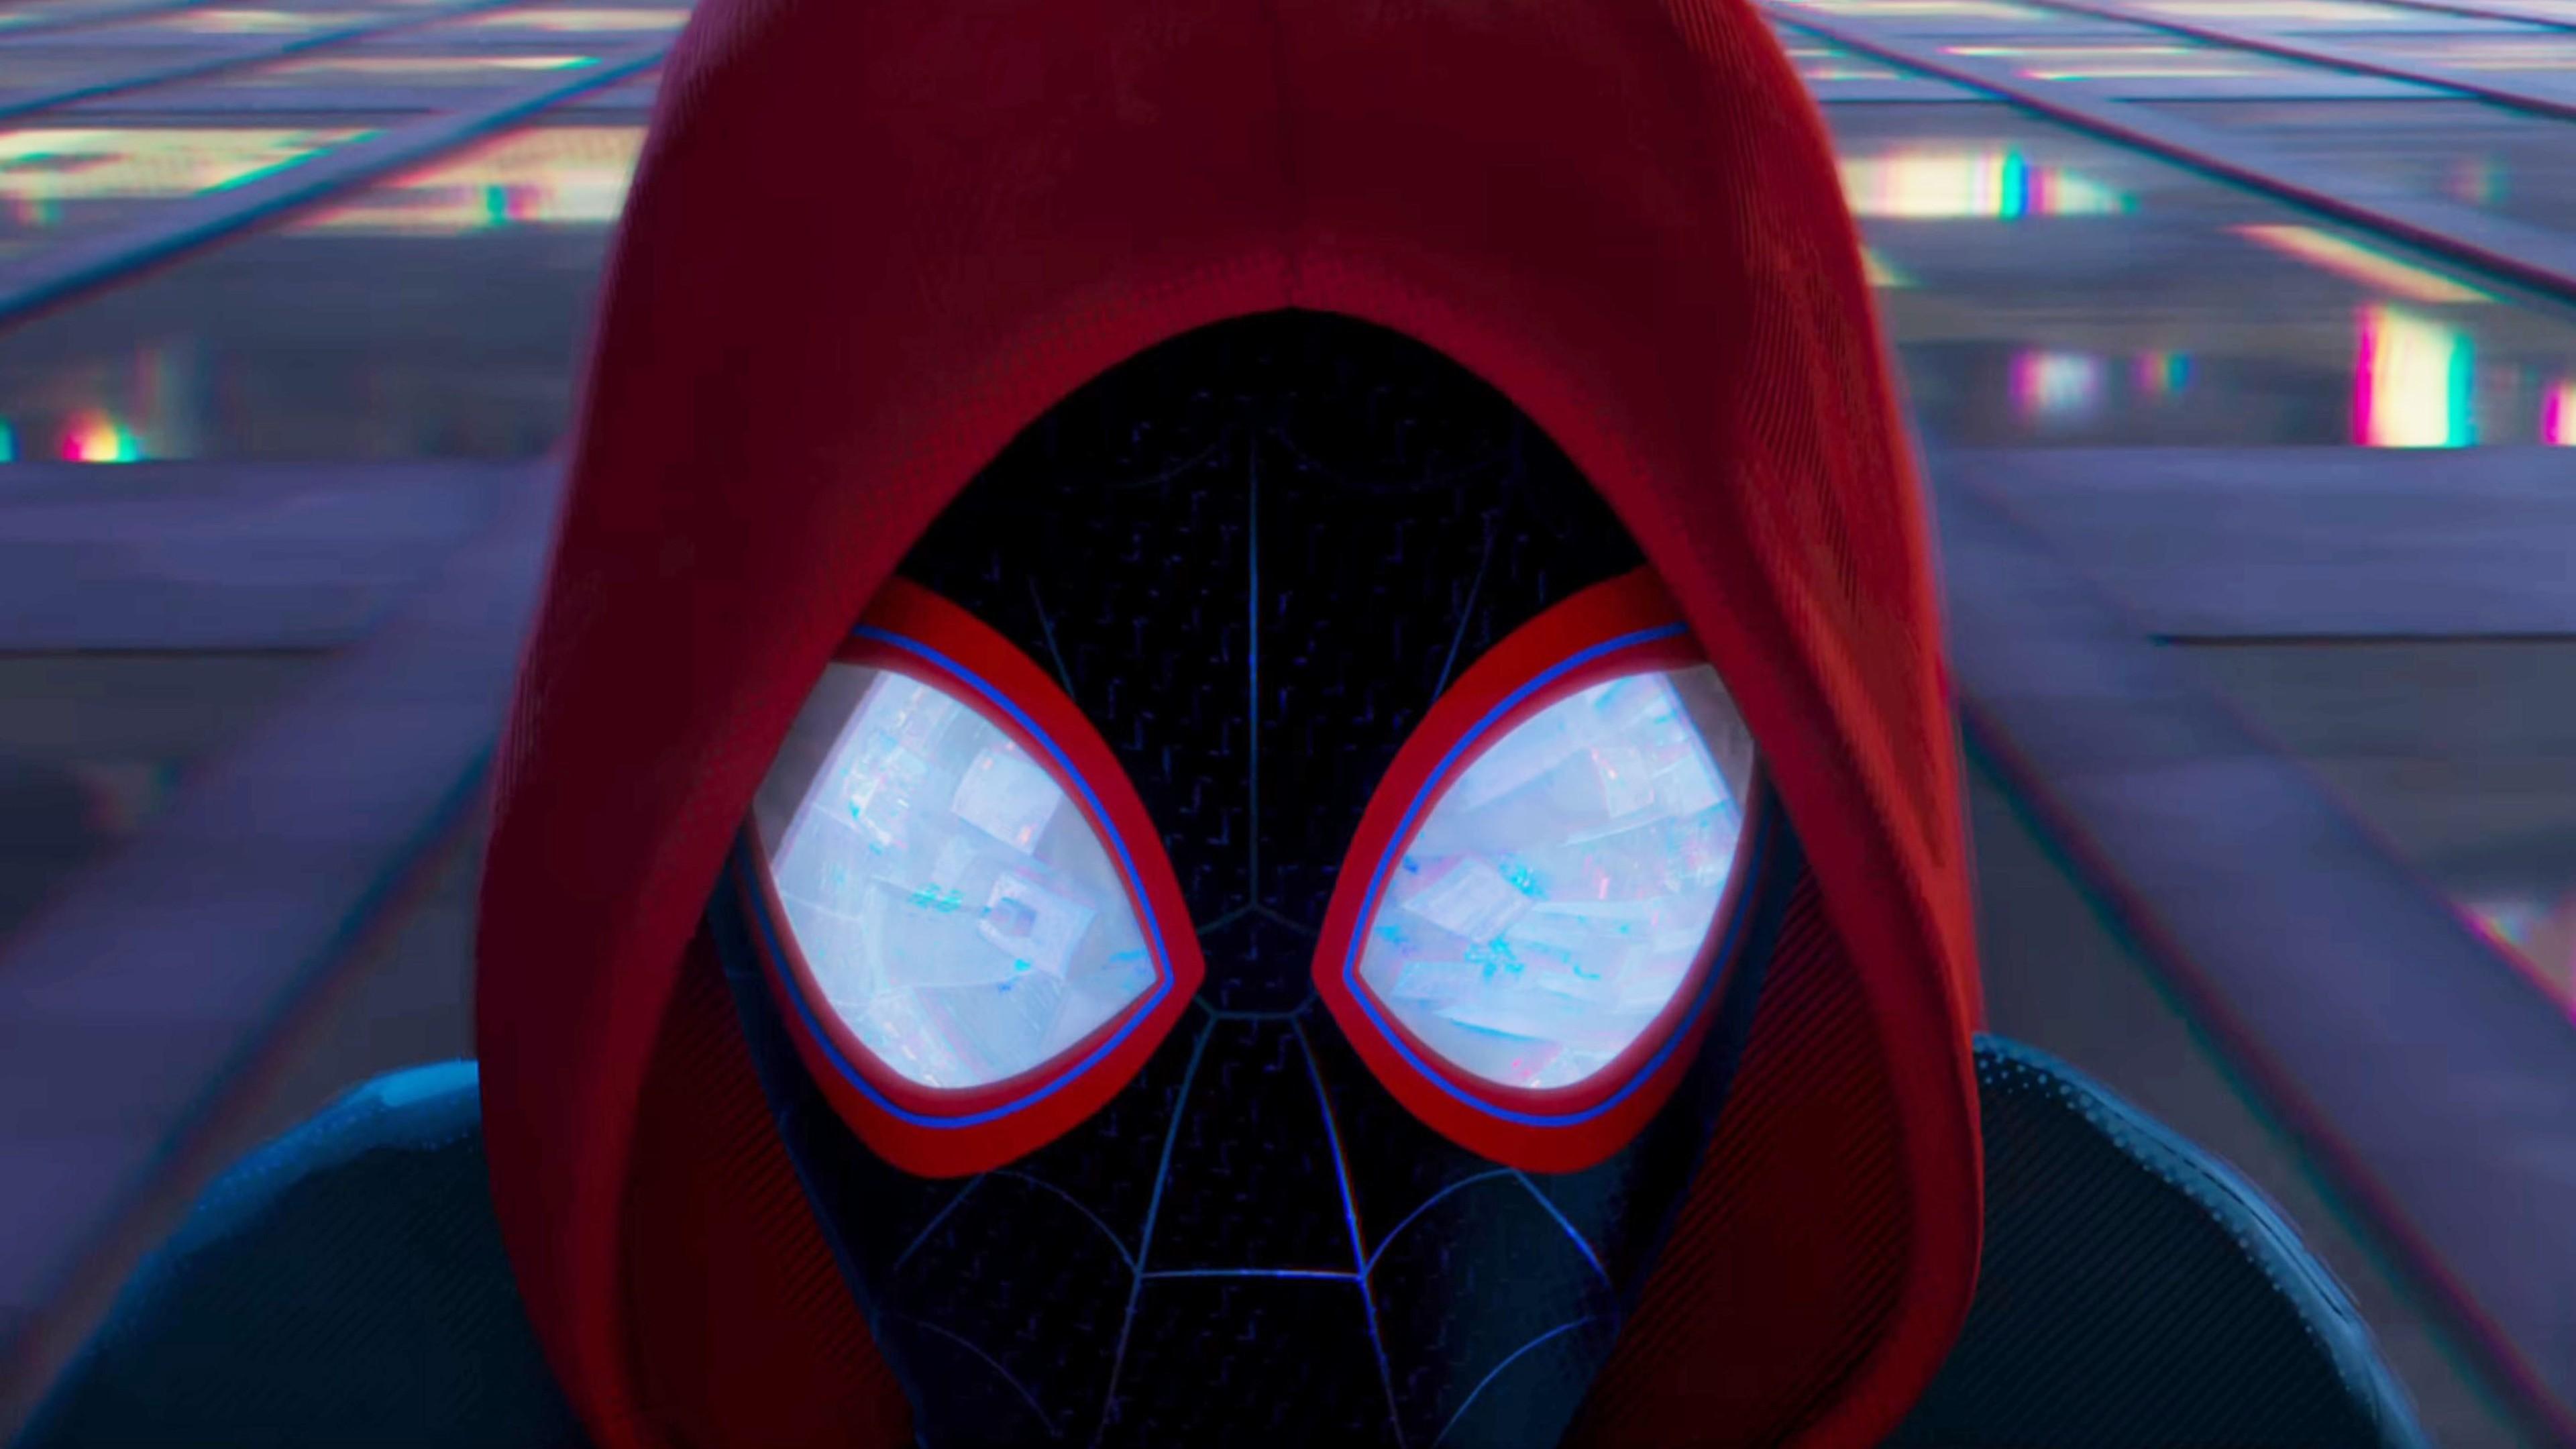 Смотреть картинки человек паук через вселенные